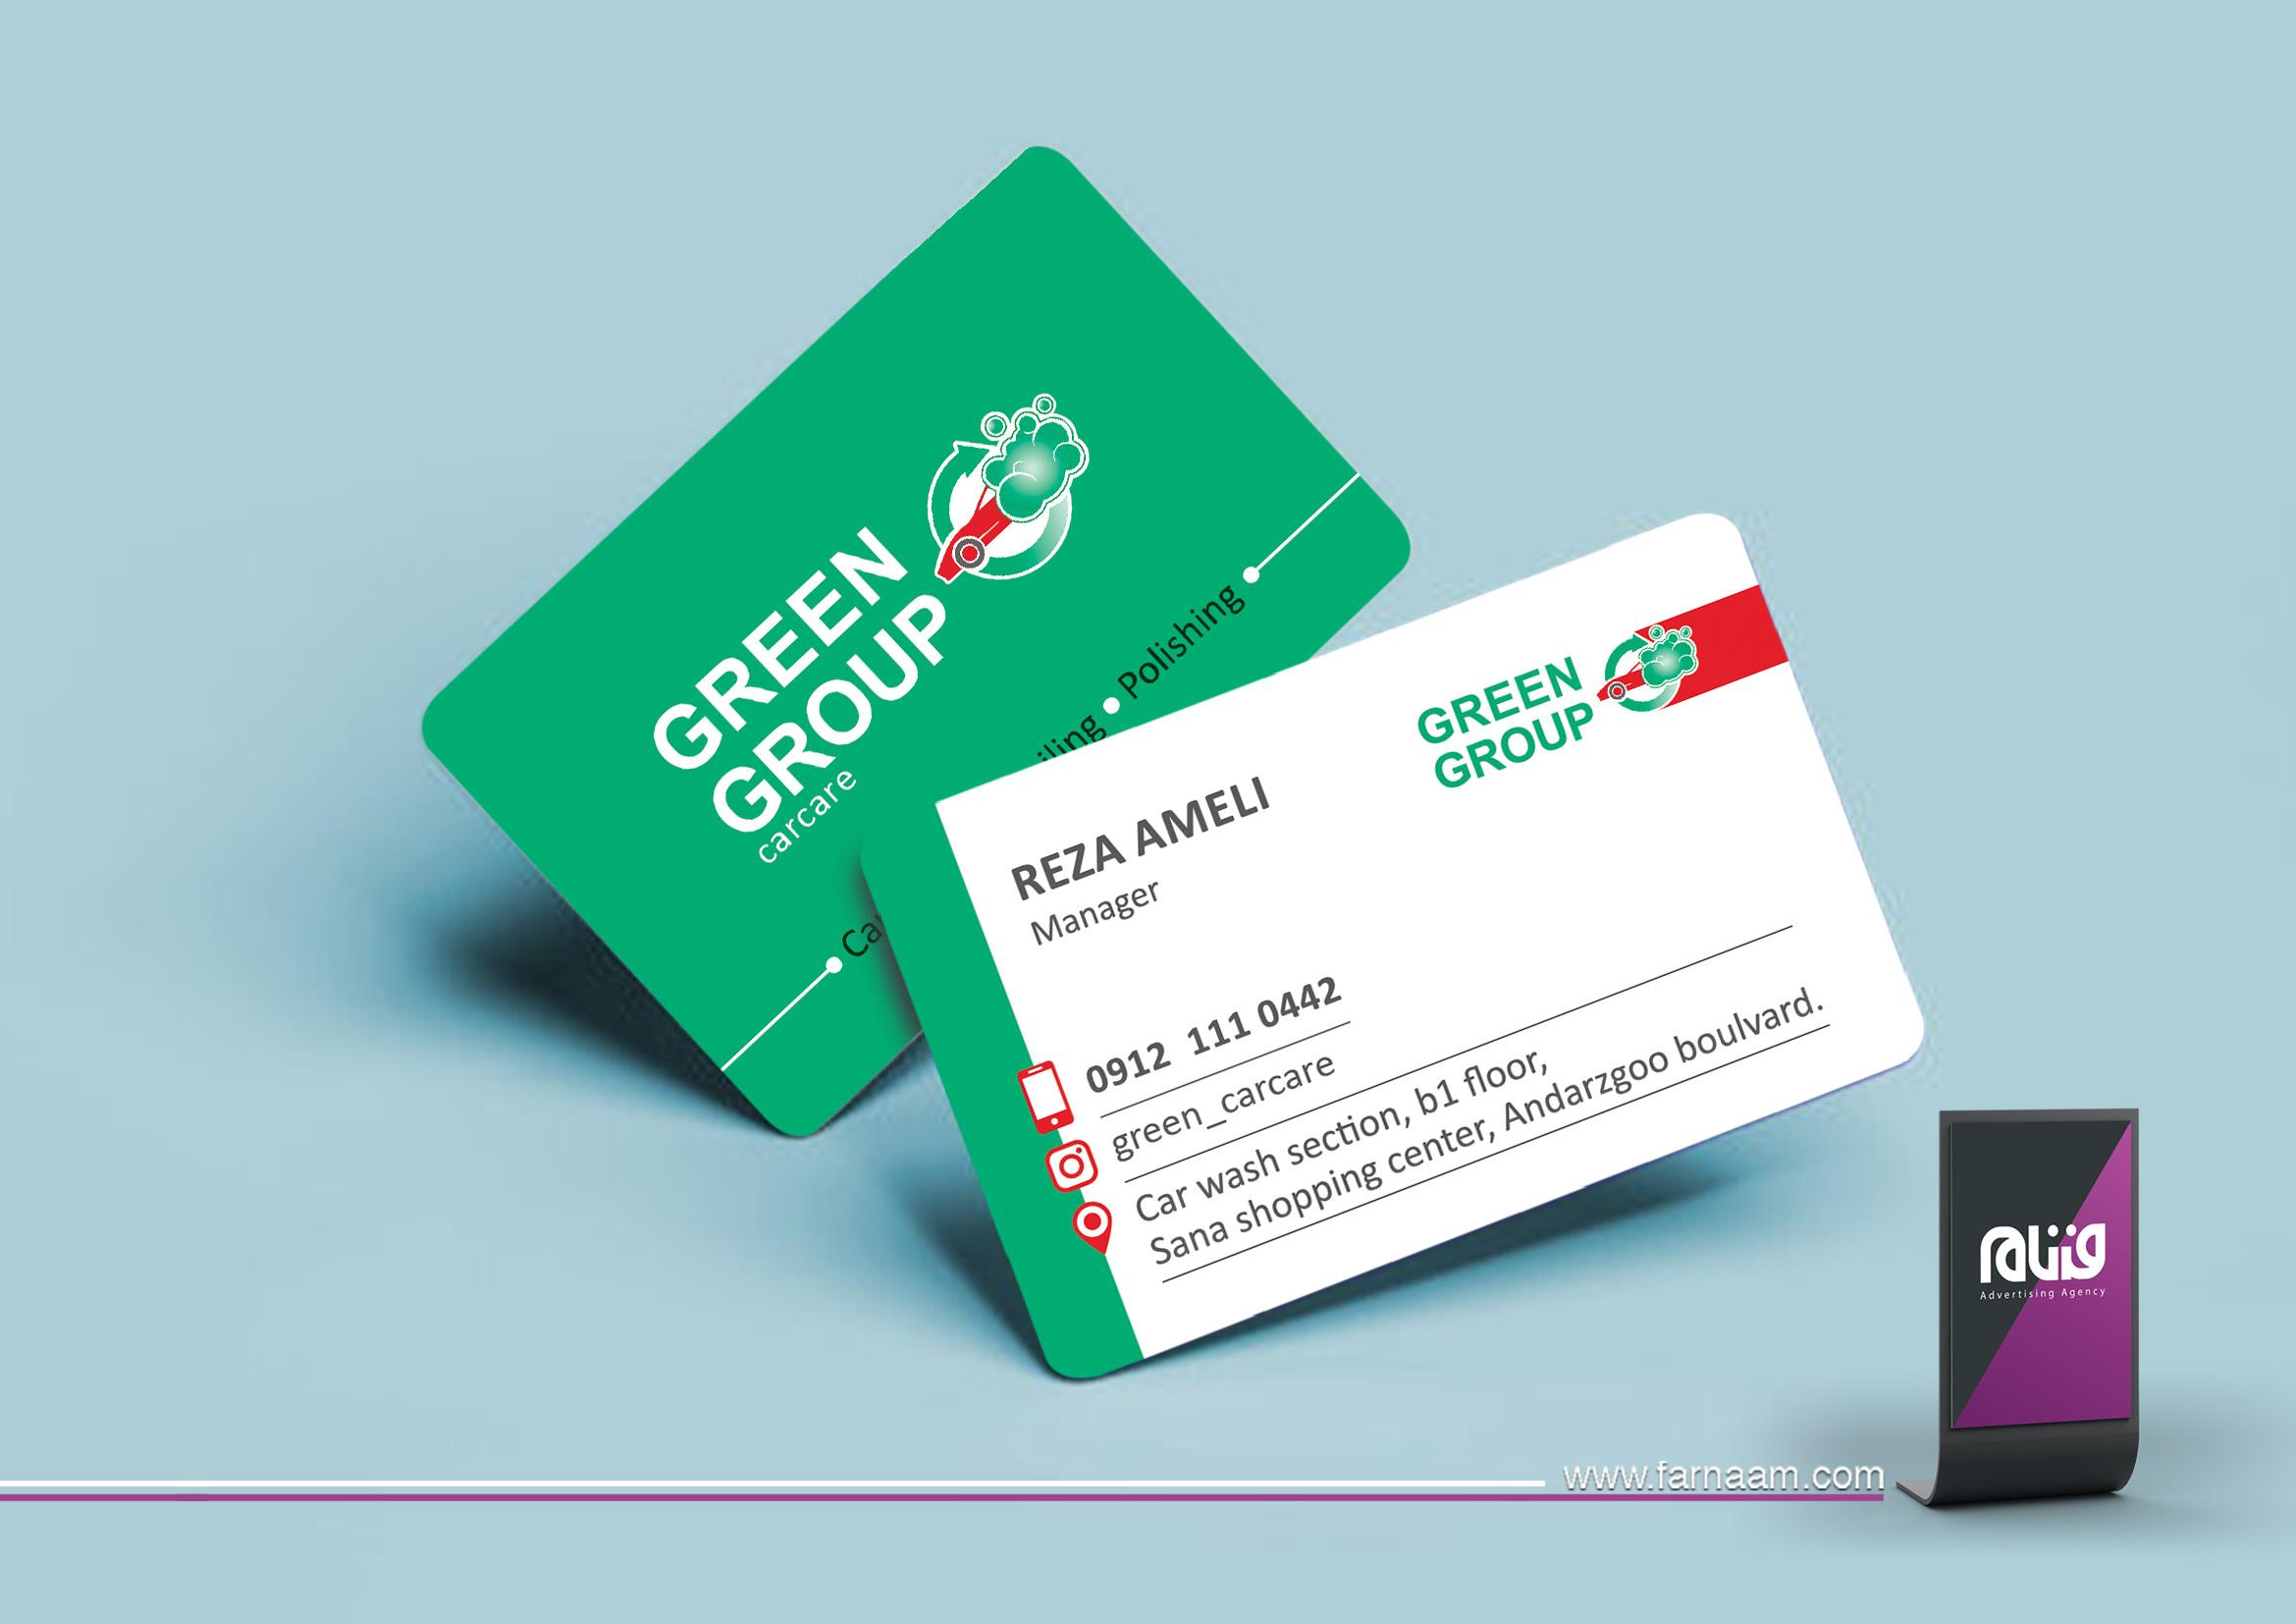 طراحی کارت ویزیت Green Group